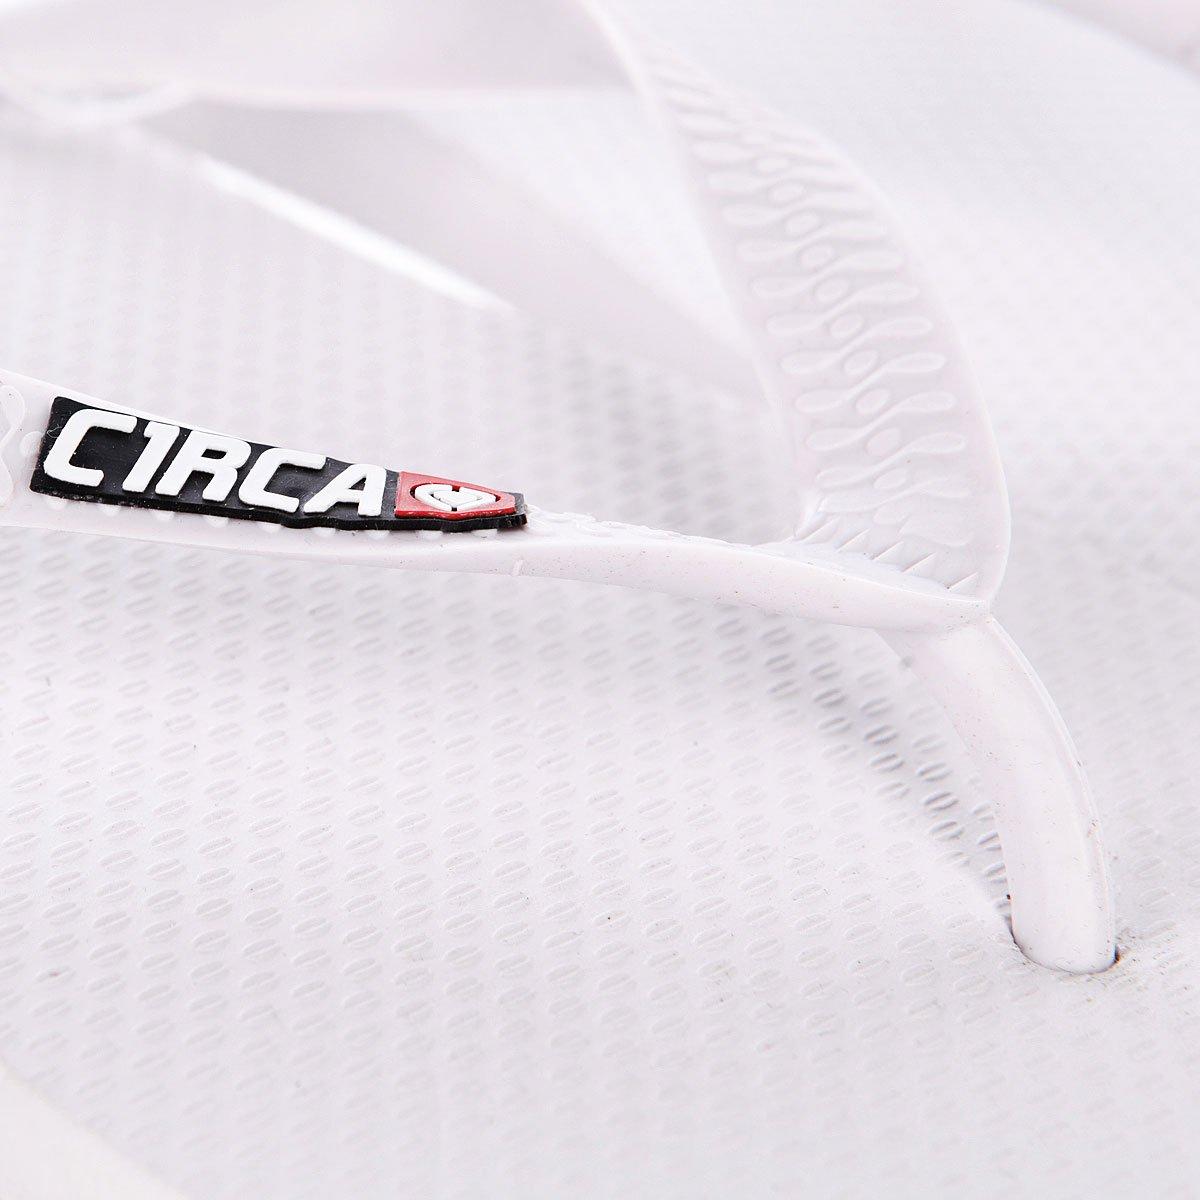 К�пи�� �лепан�� circa logo sandal white в ин�е�не�